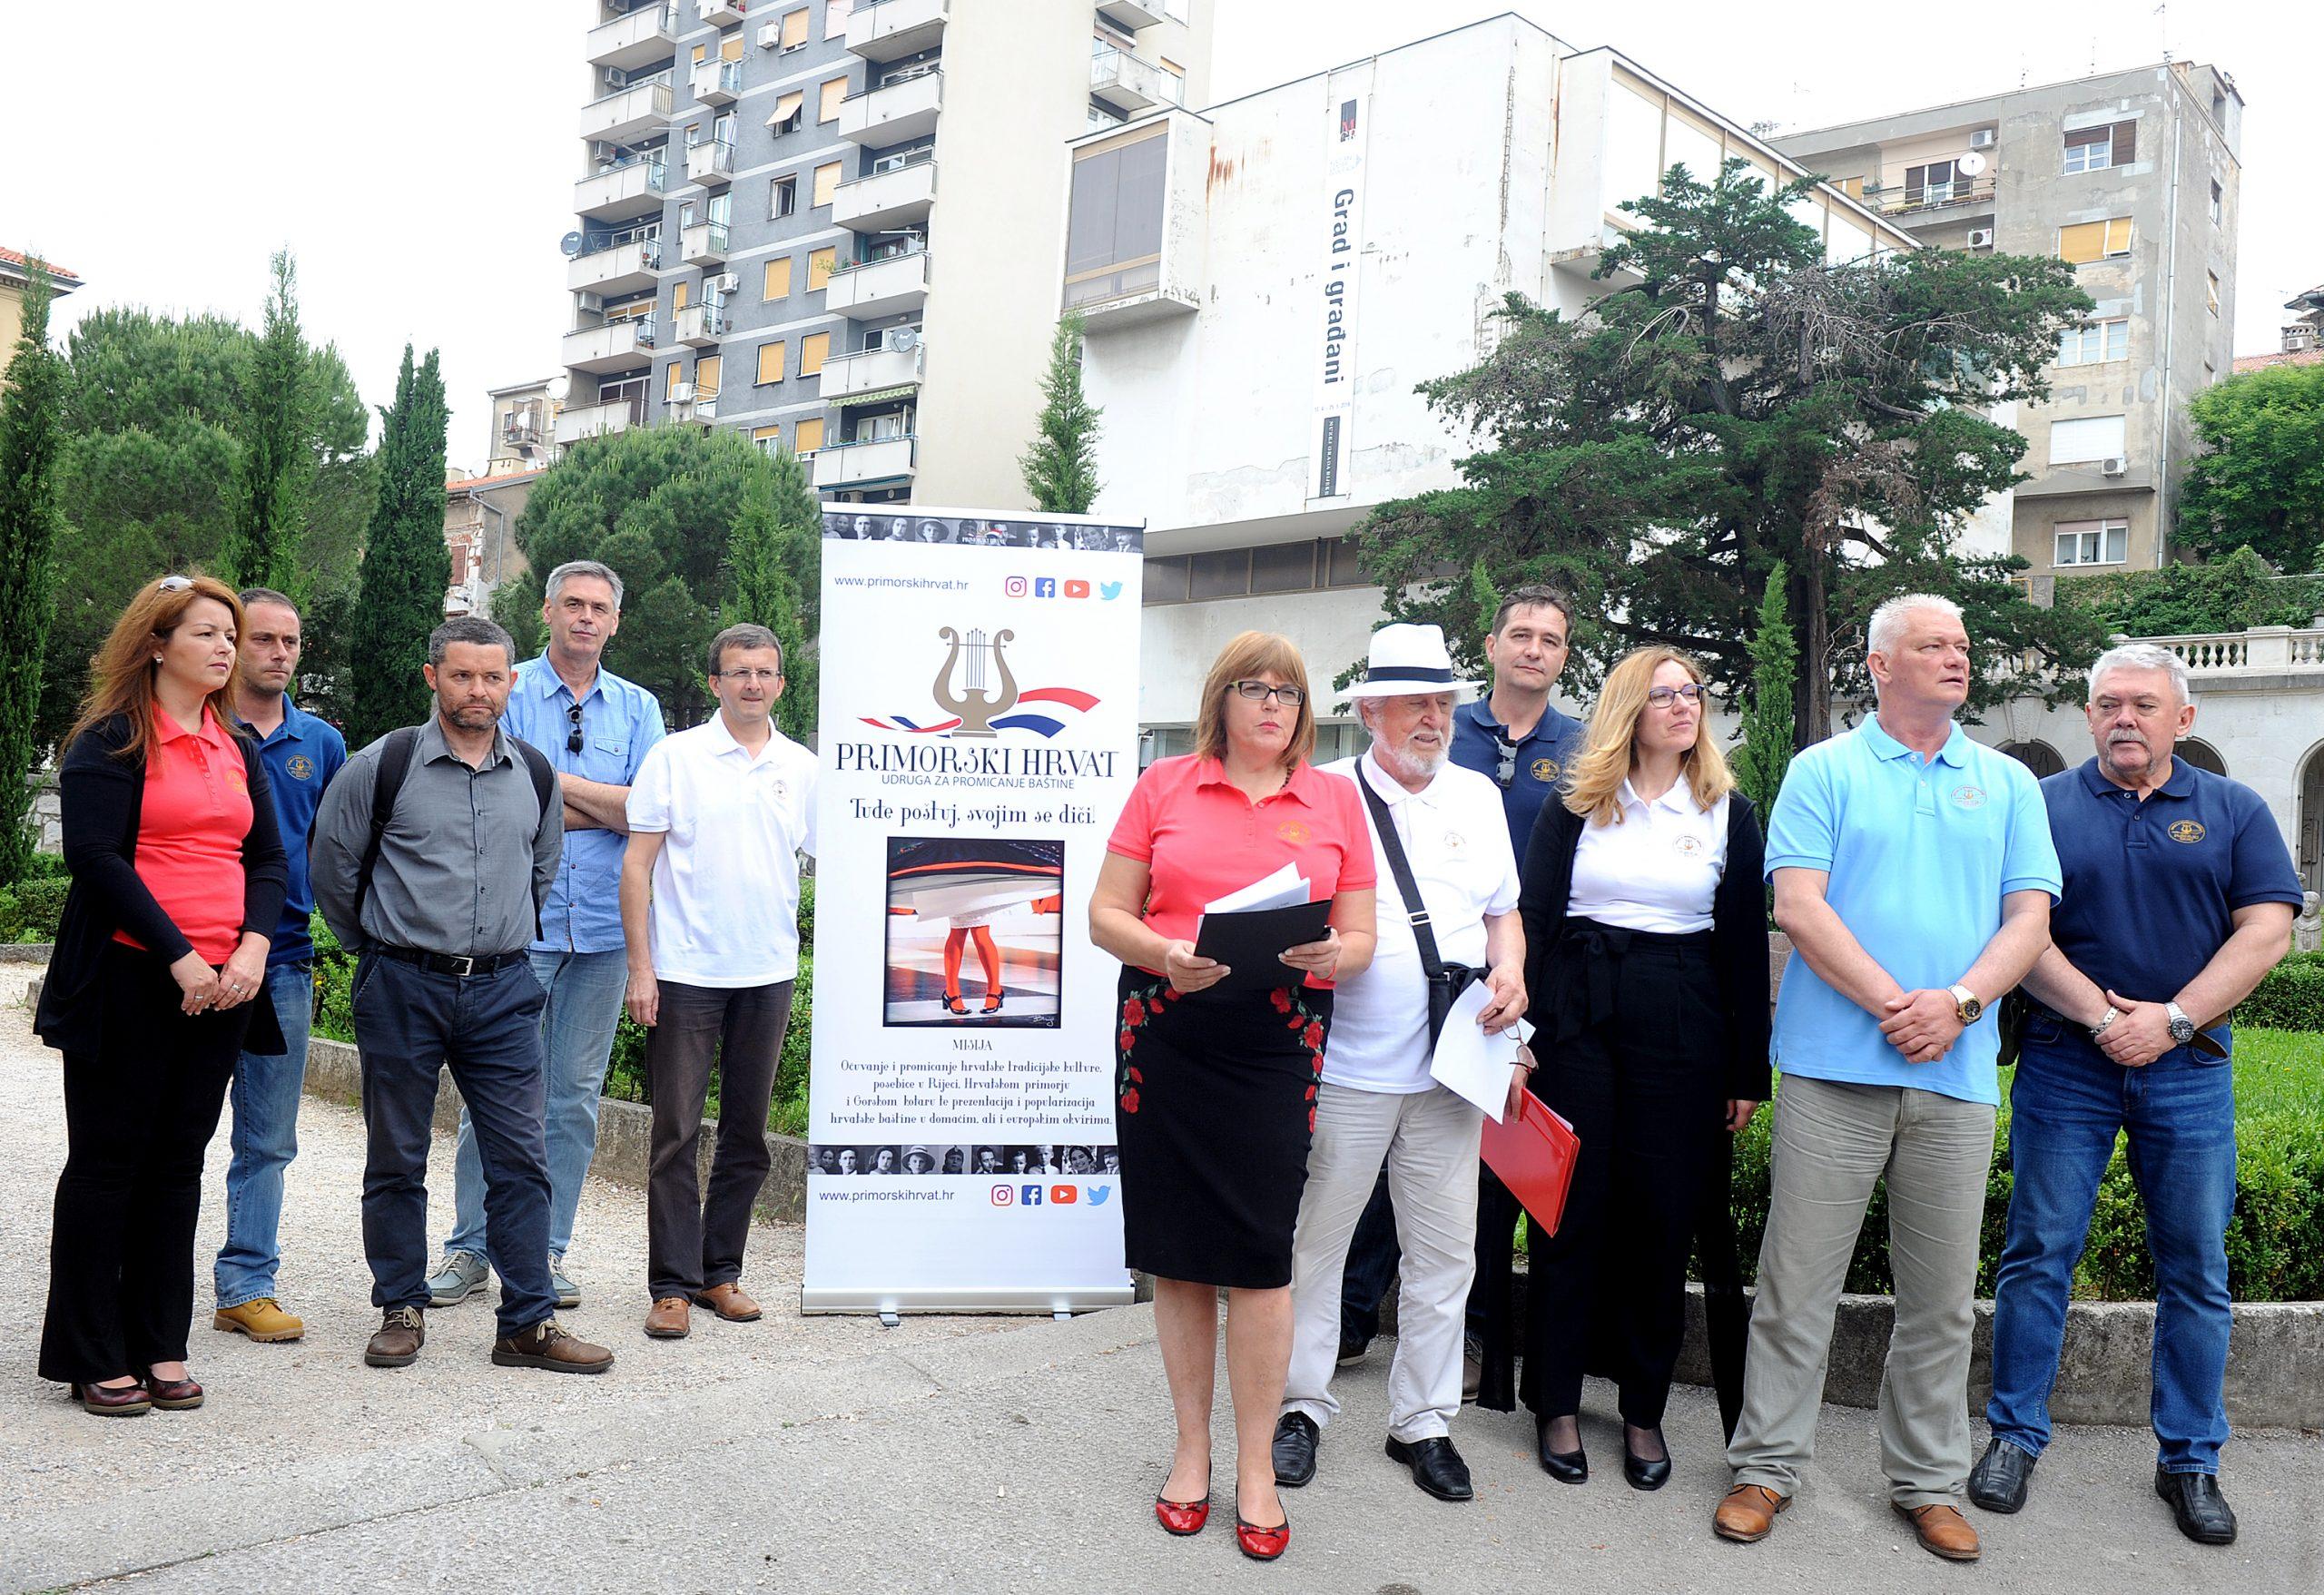 Žalosno je da je preimenovanje trga podržao gradonačelnik Vojko Obersnel, poručuje Primorski Hrvat / Snimio Marko GRACIN